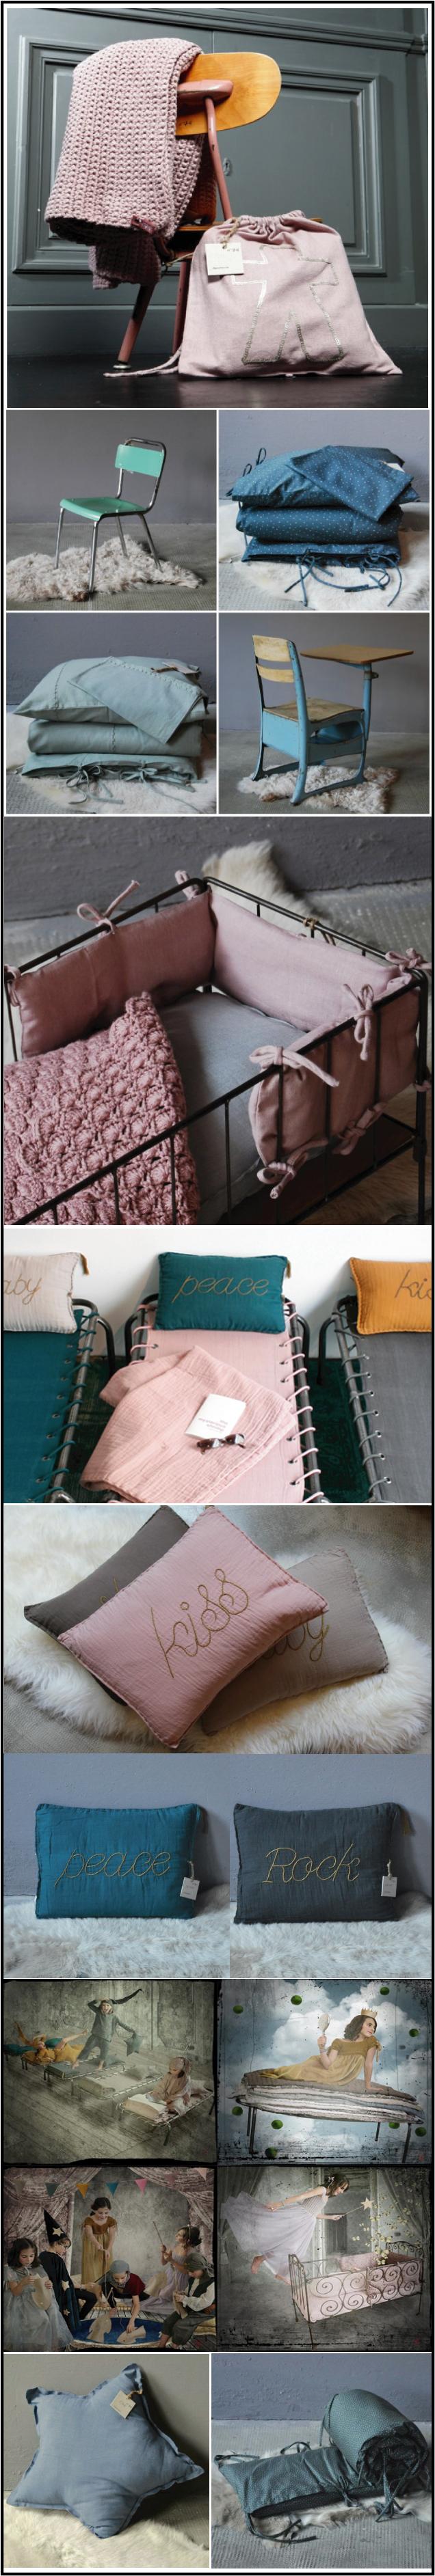 numero-74 mobilier vintage chine et linge bebe boheme eshop deco design chiara stella home